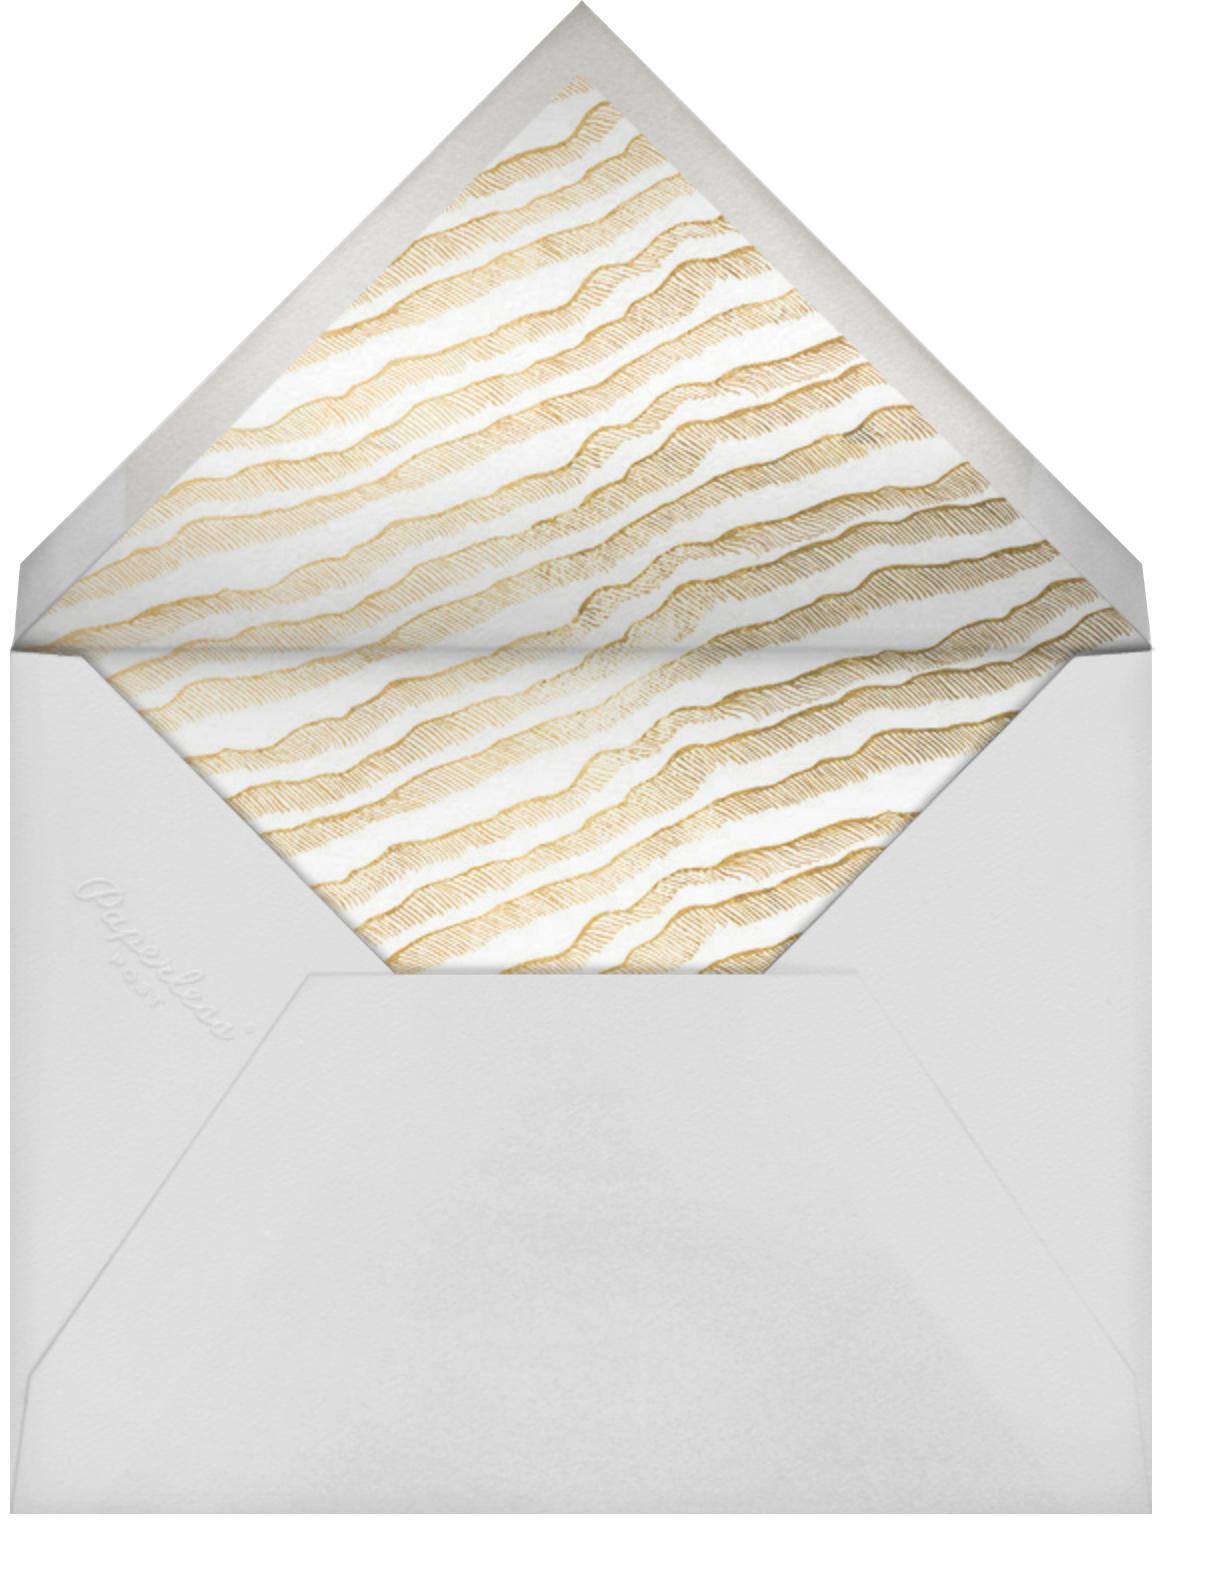 Cascadia - Midnight - Kelly Wearstler - Envelope